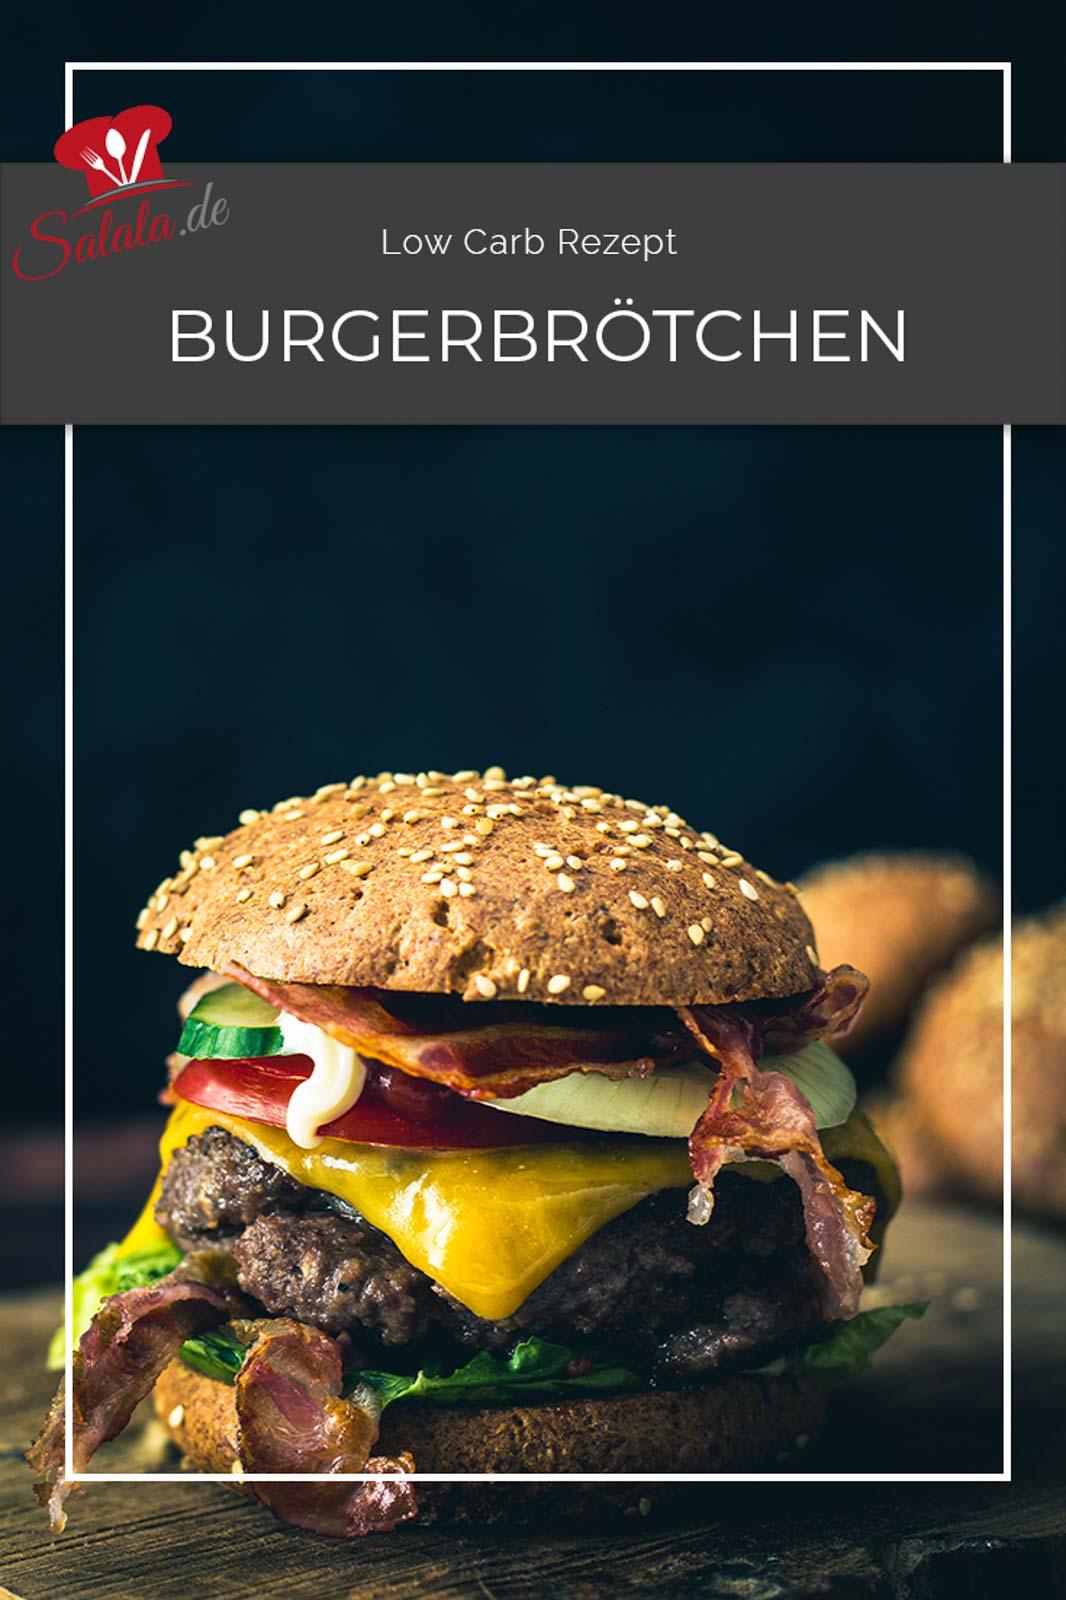 Burgerbrötchen in Low Carb und dann auch noch ganz einfach und in nicht nass. Gibt's nicht? Gibt's doch. Wir haben es. Das ultimative Low Carb Burgerbrötchen Rezept. Brötchen mit toller Krume und perfekter Optik. Die musst du einfach ausprobieren.  #burgerbroetchen #lowcarbbroetchen #lowcarbburger #burgerbroetchenrezept #lowcarbbroetchenrezept #lowcarbrezepte #burgerbroetchenohnemehl #glutenfreibacken